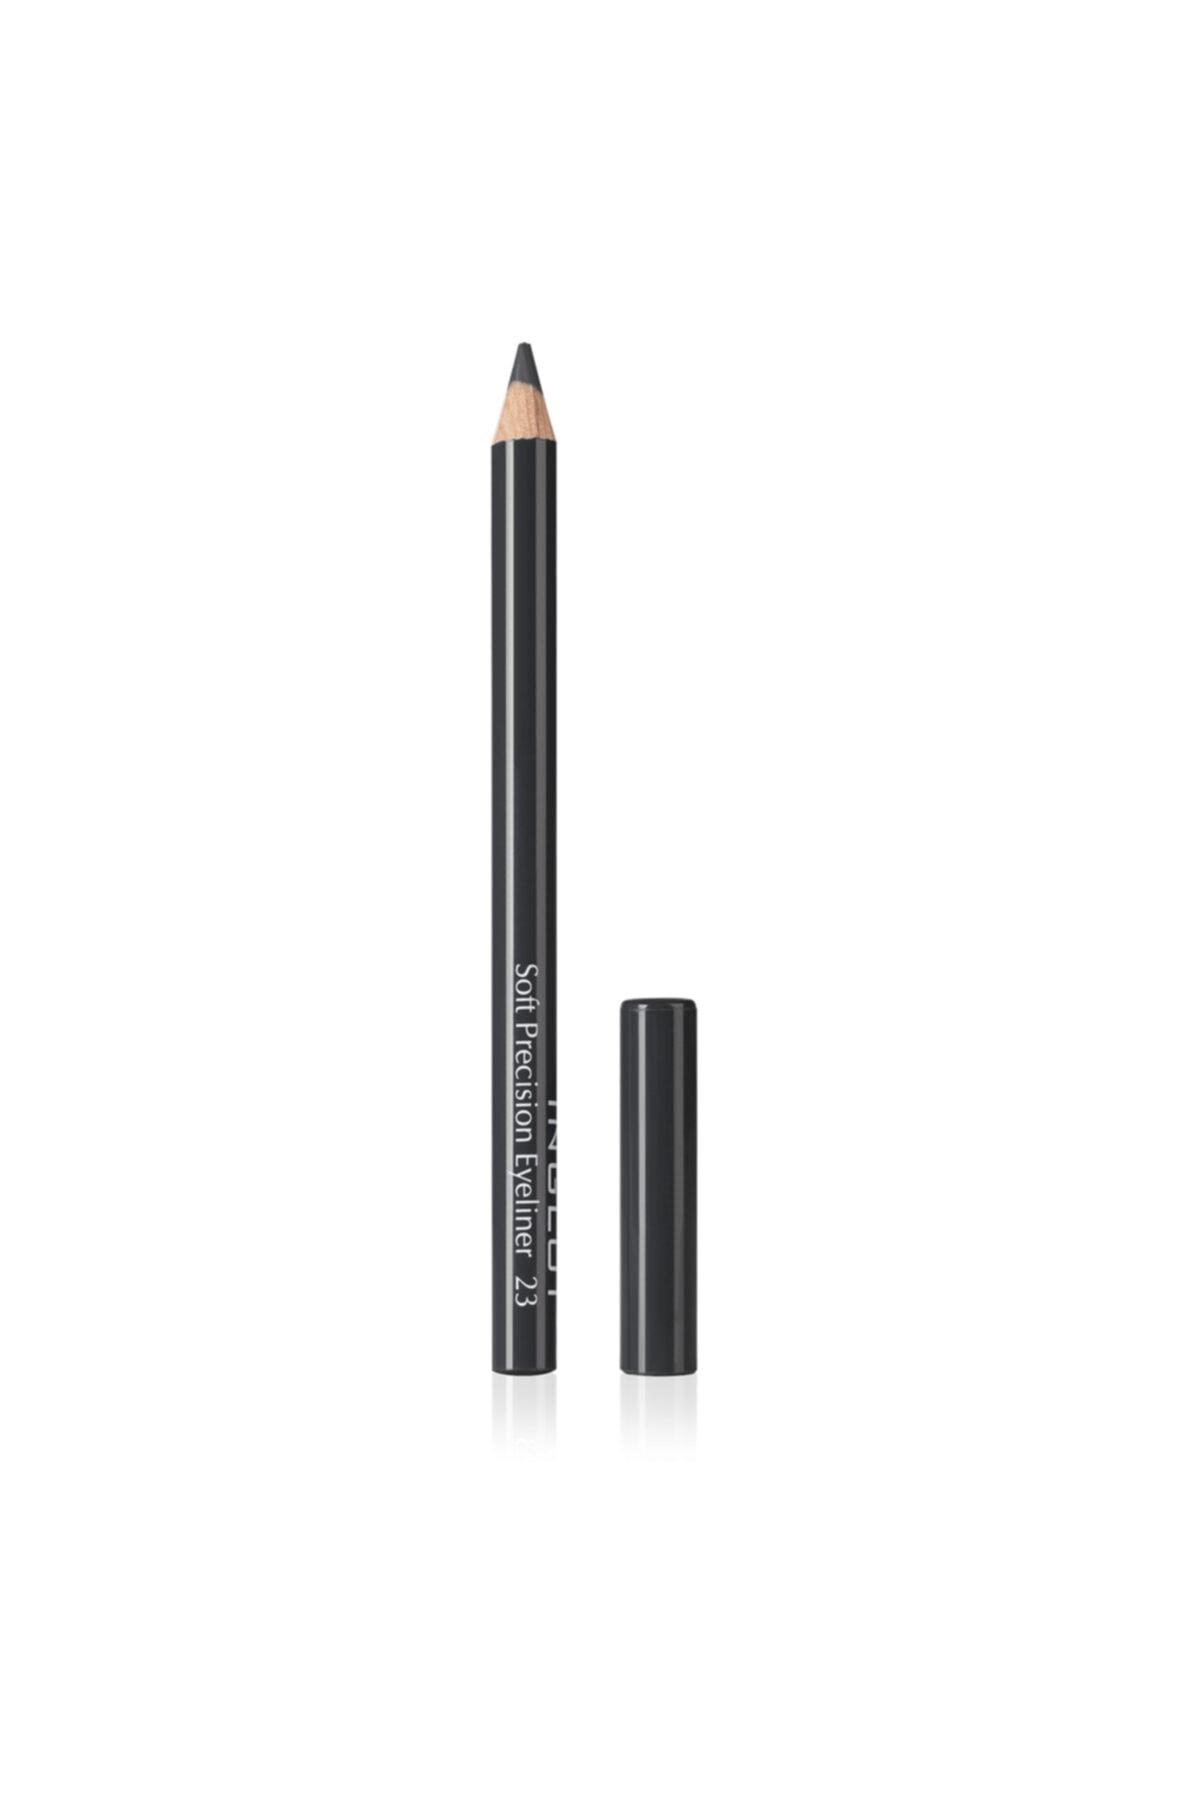 INGLOT Göz Kalemi-soft Precision Eyeliner 23 1